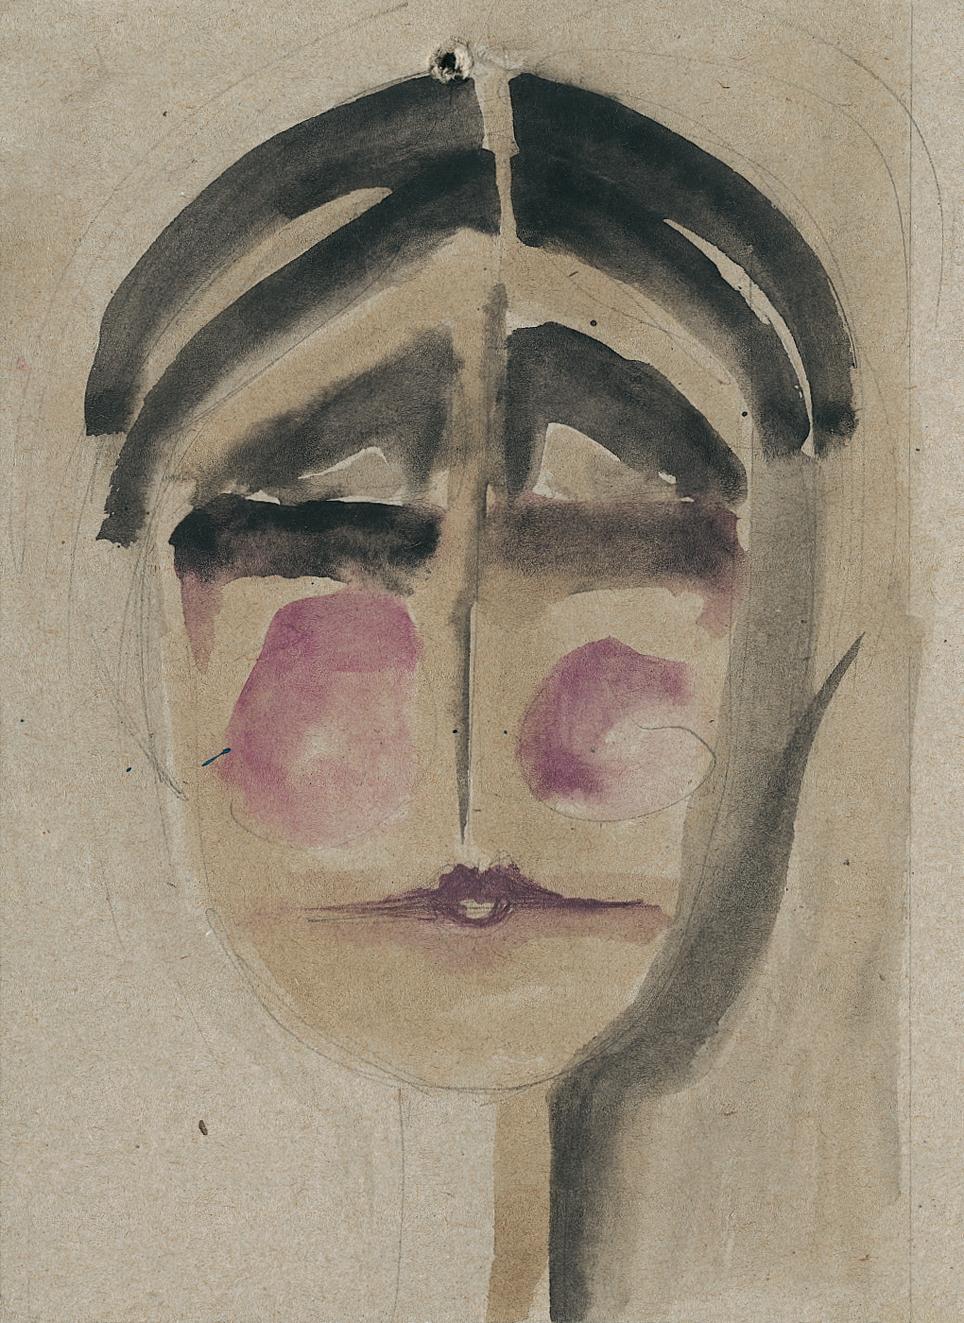 Antonio Marras, sketches 2000-2002.